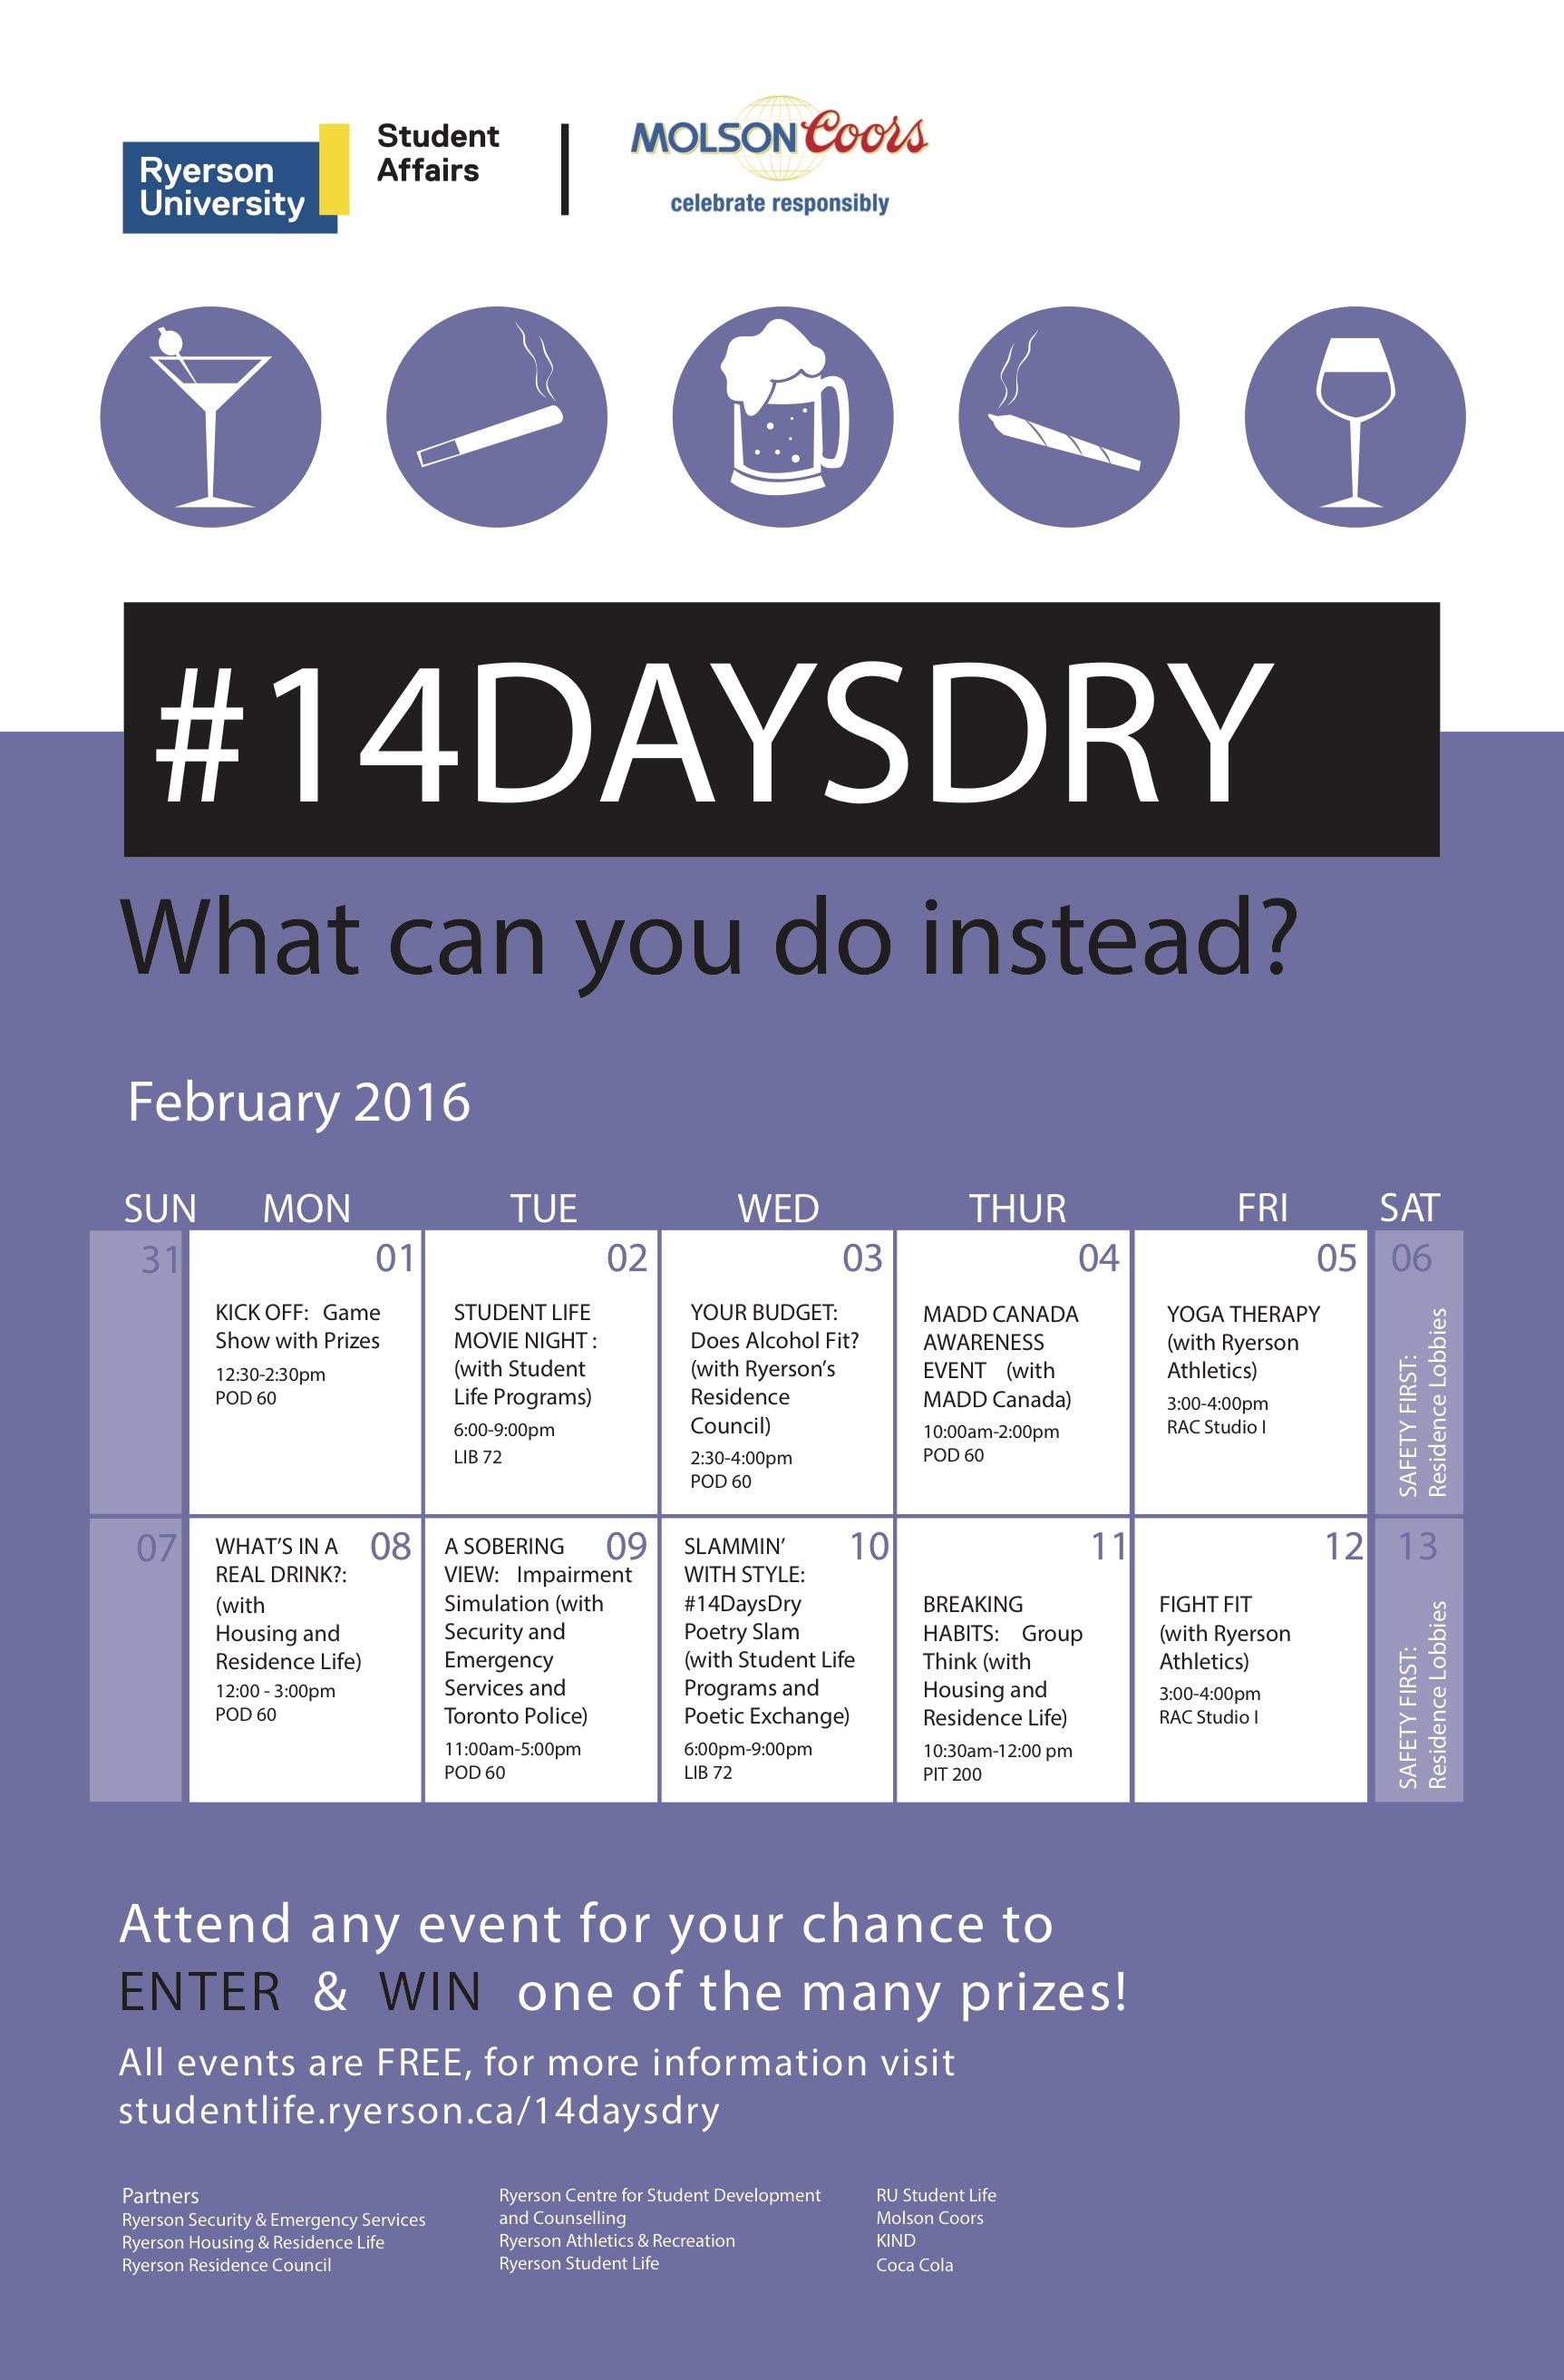 14DAYS-Poster-brandedV2